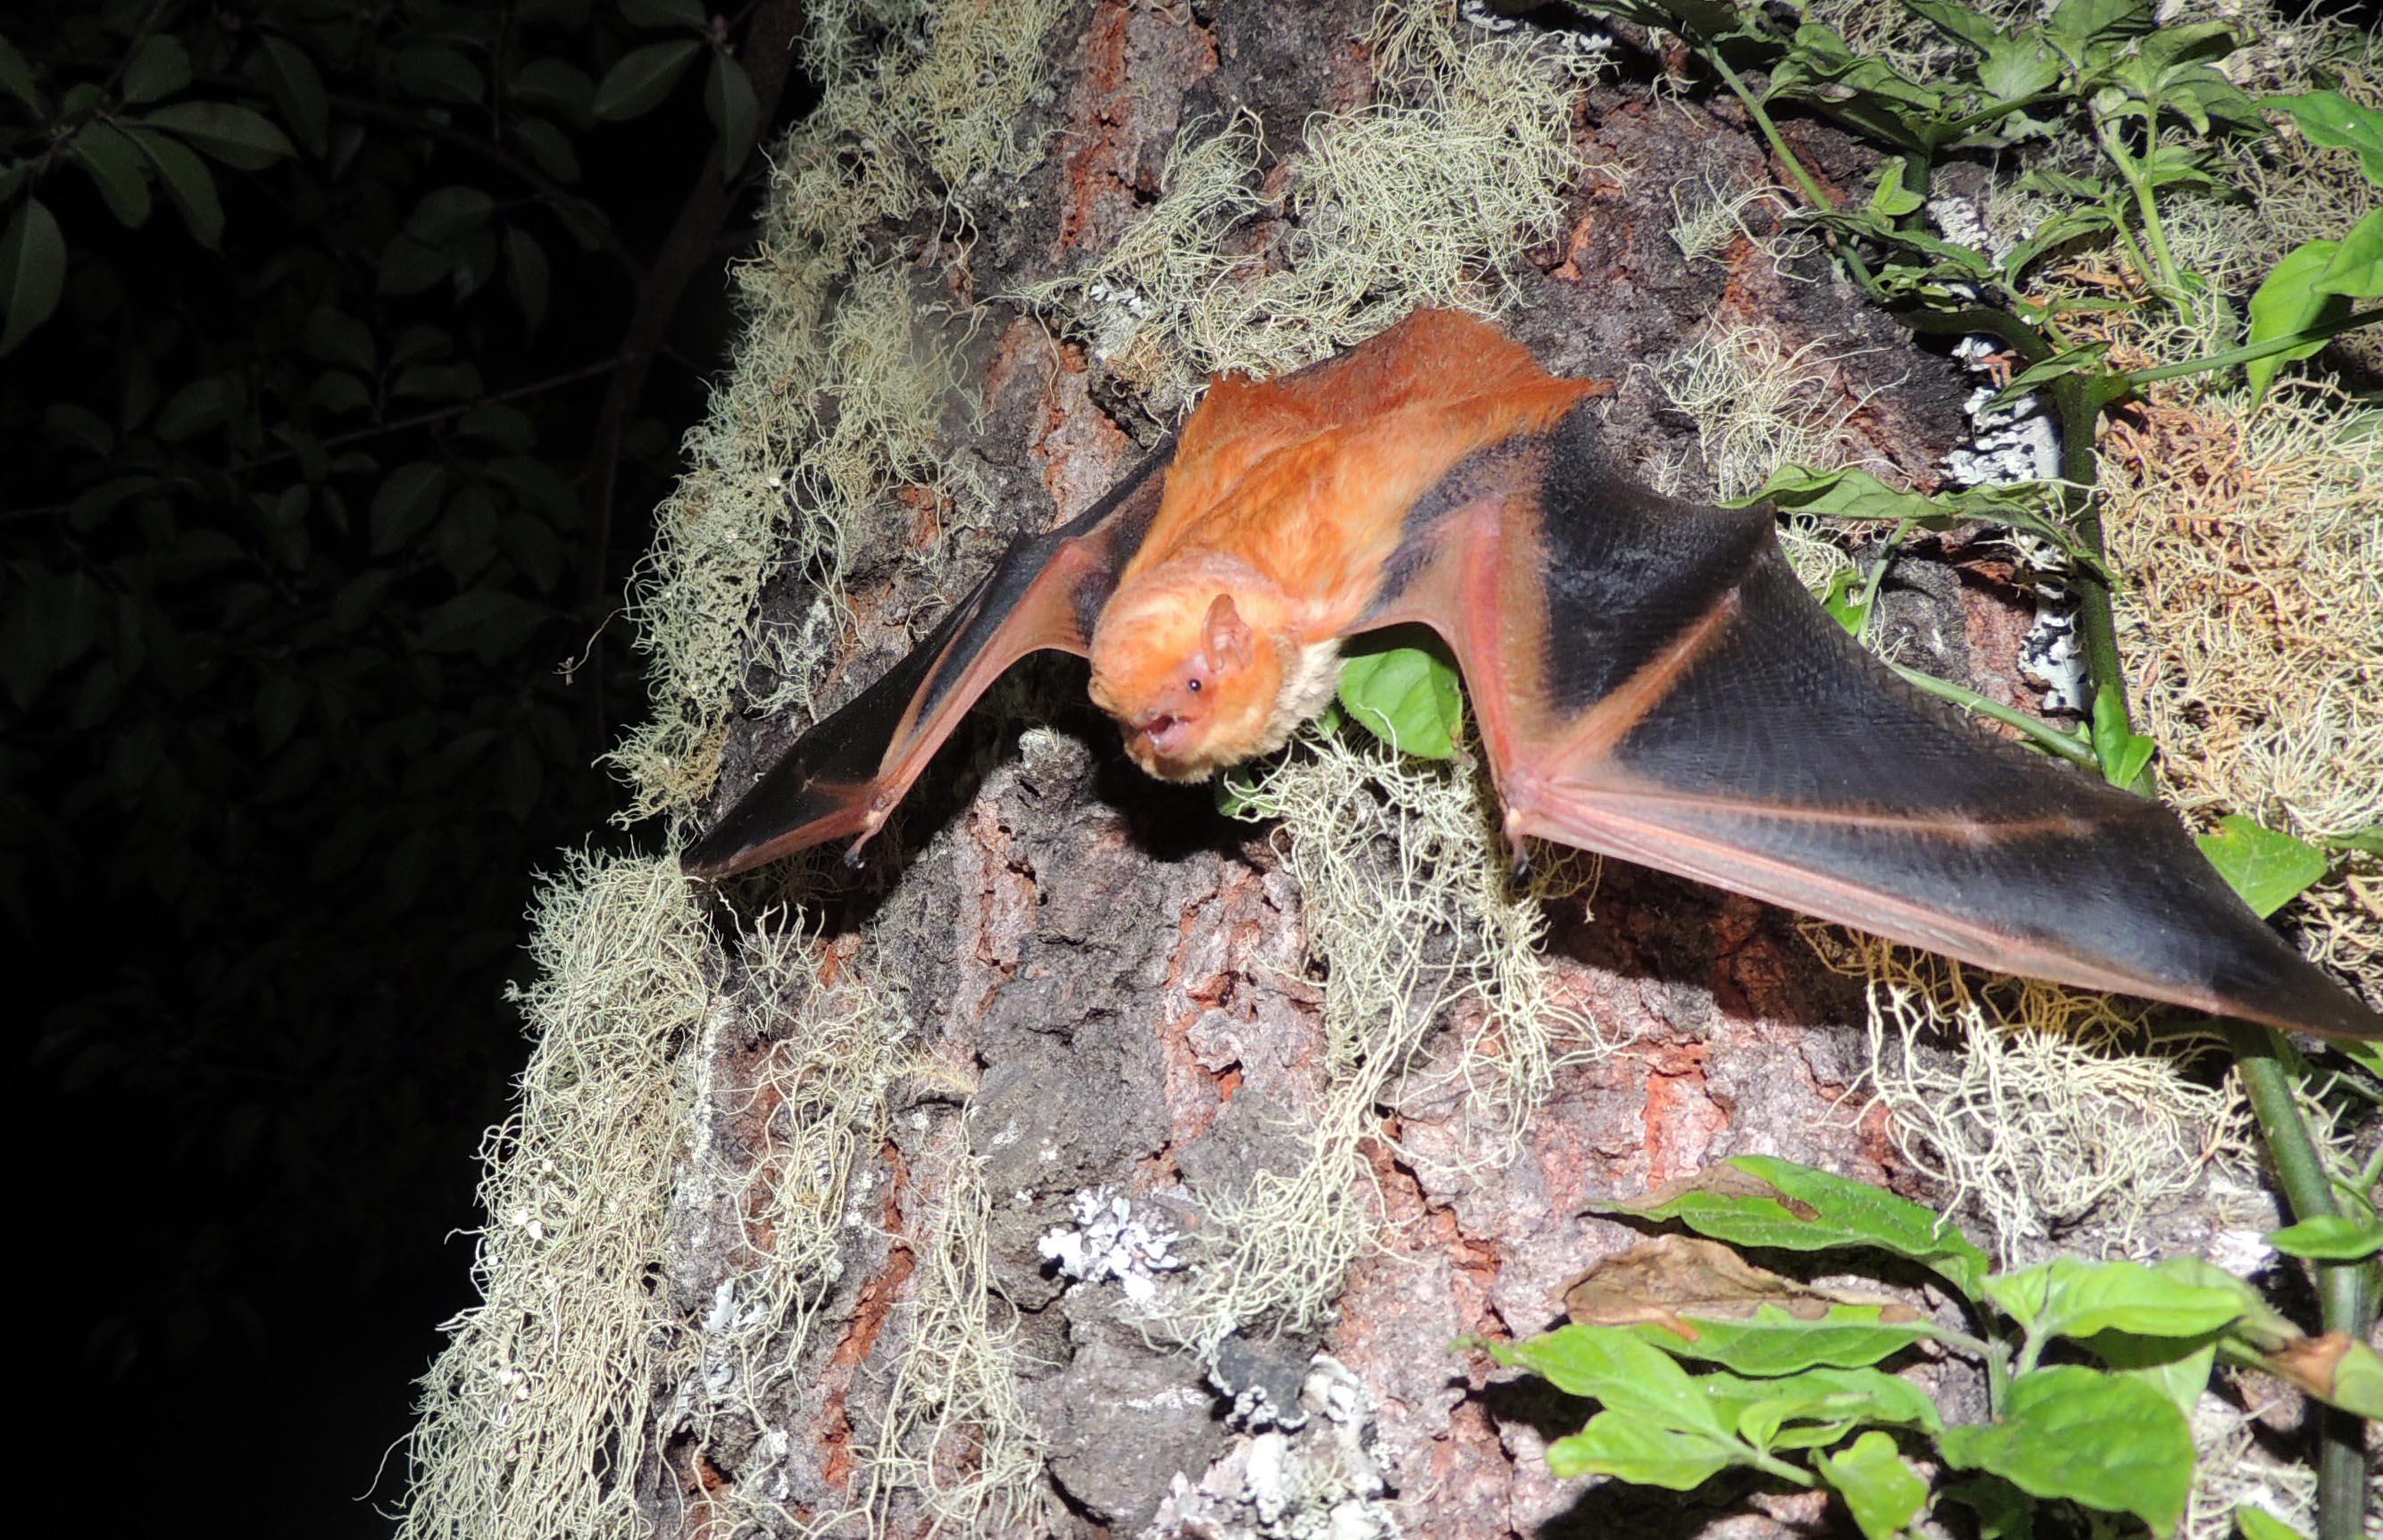 Especie de murciélago protegido de pelo rojizo, postrado en la corteza de un árbol.